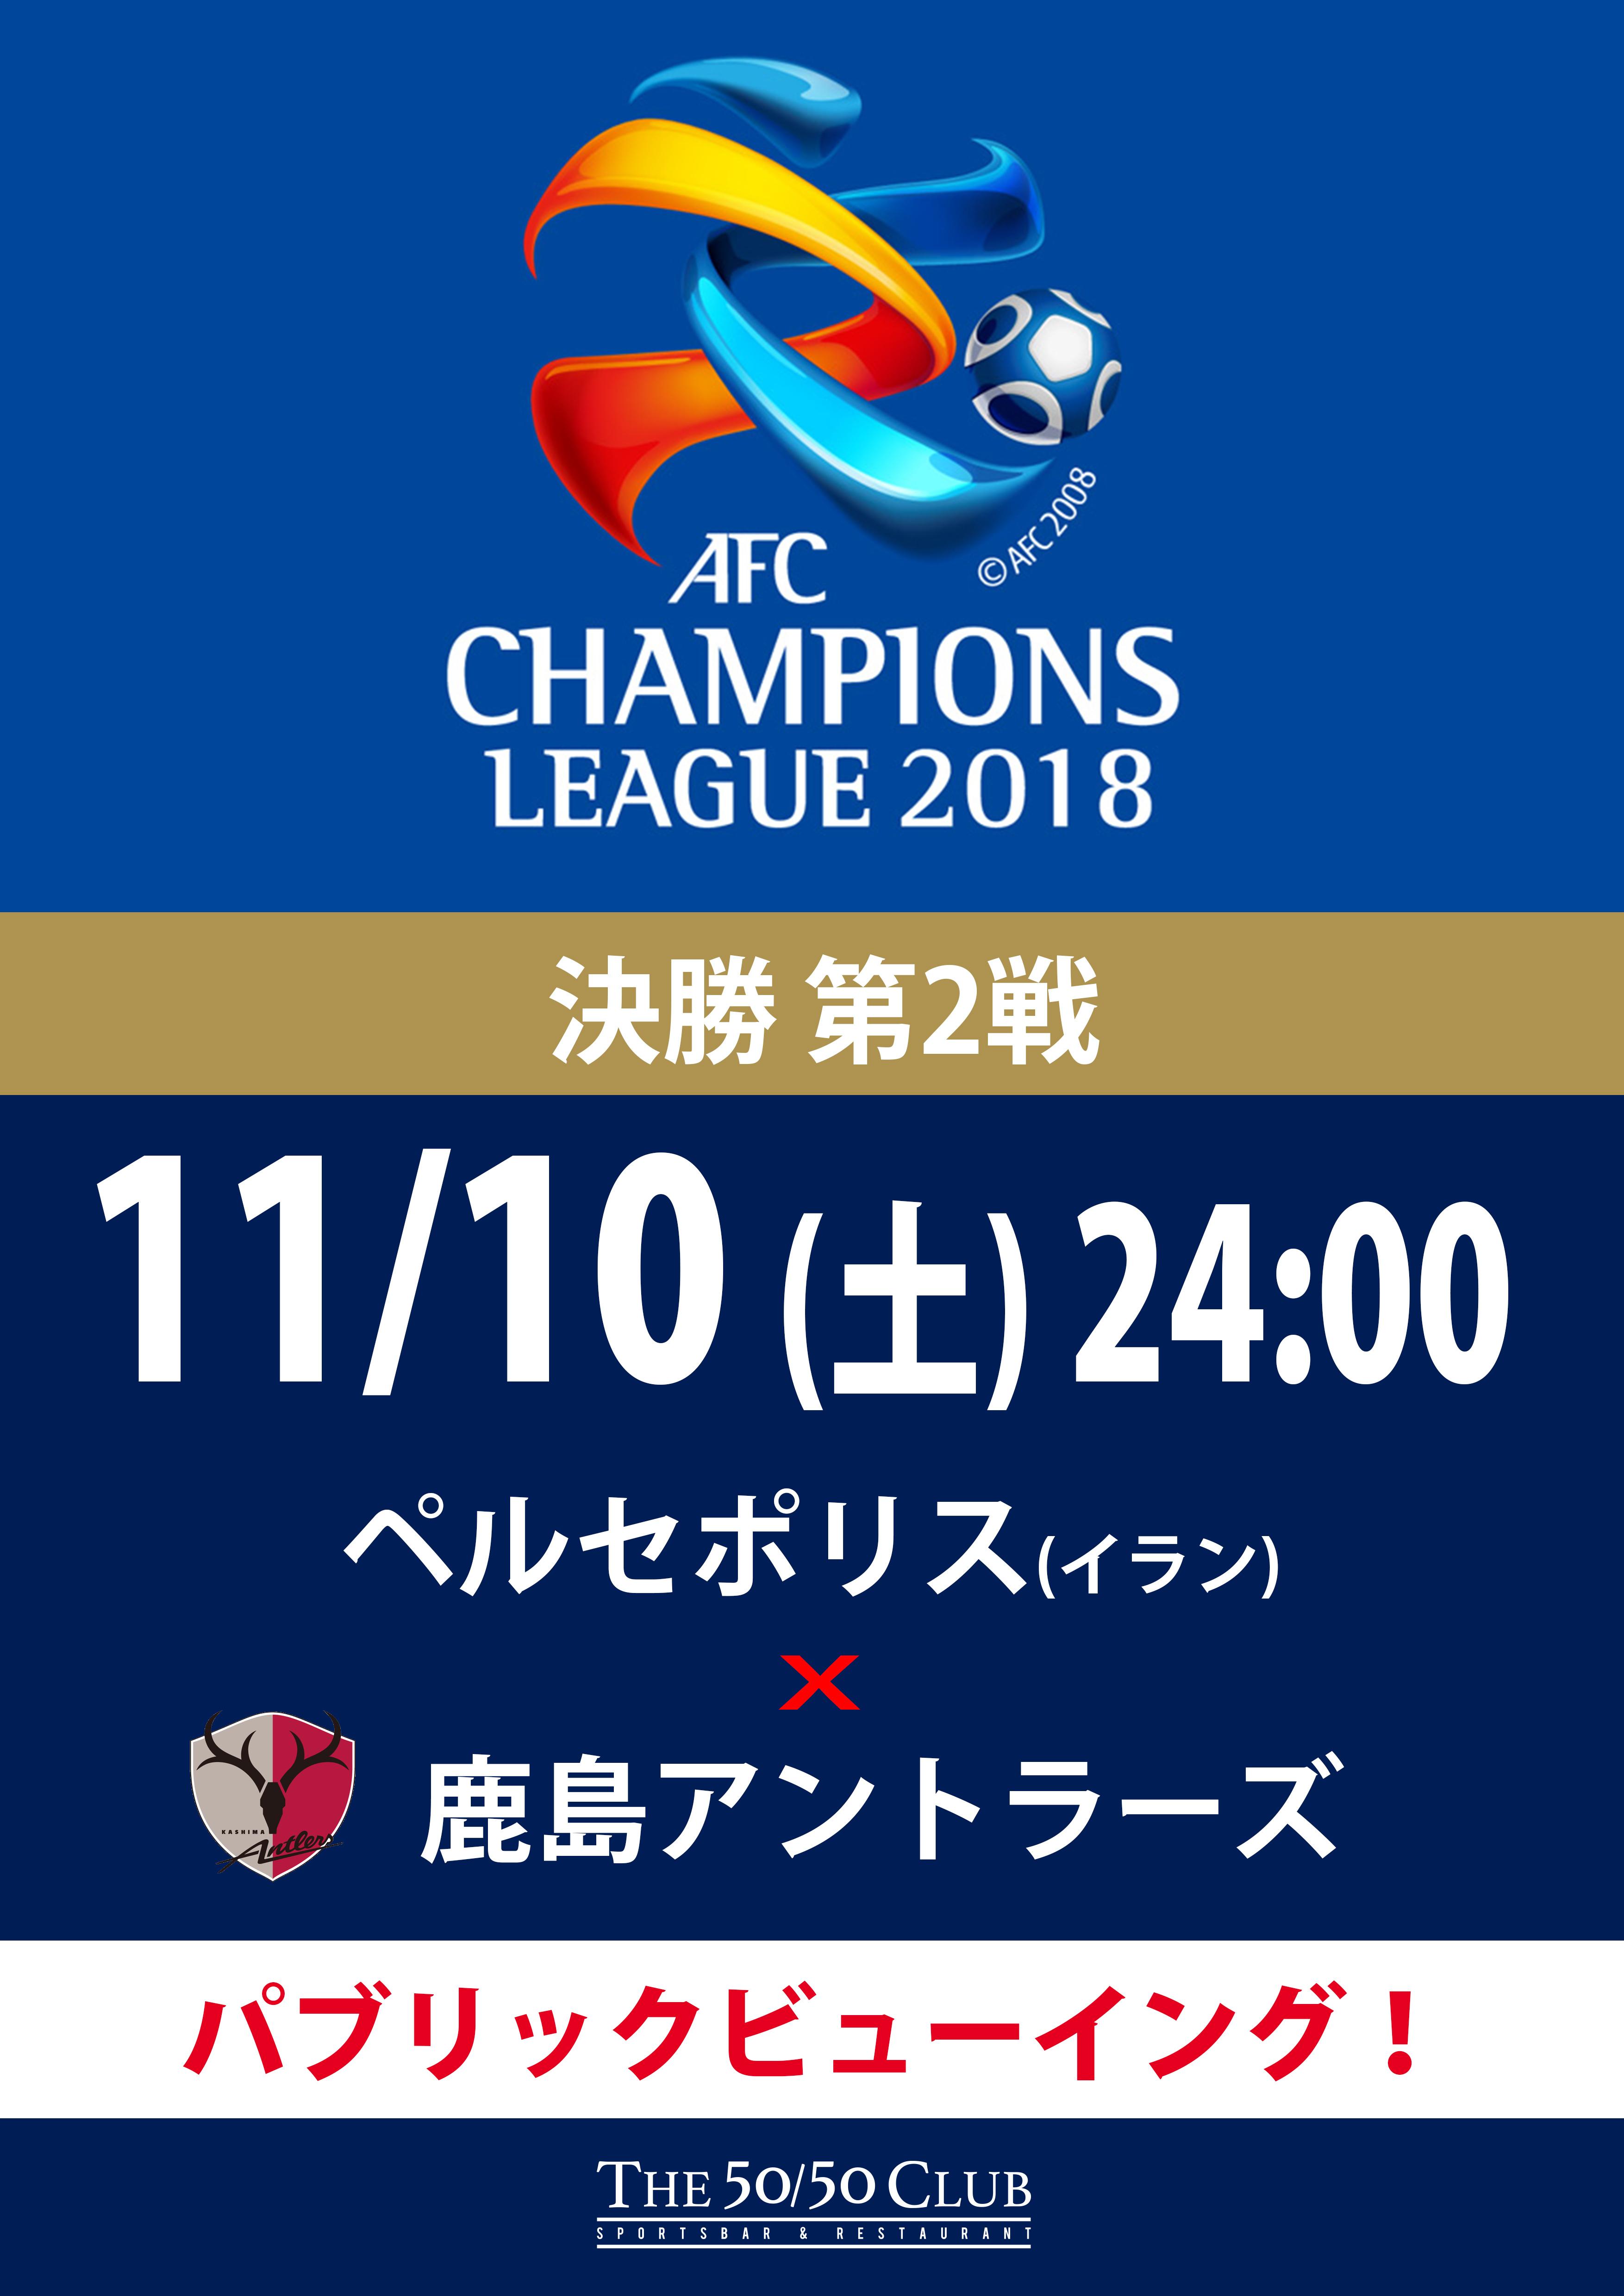 201801110_champions